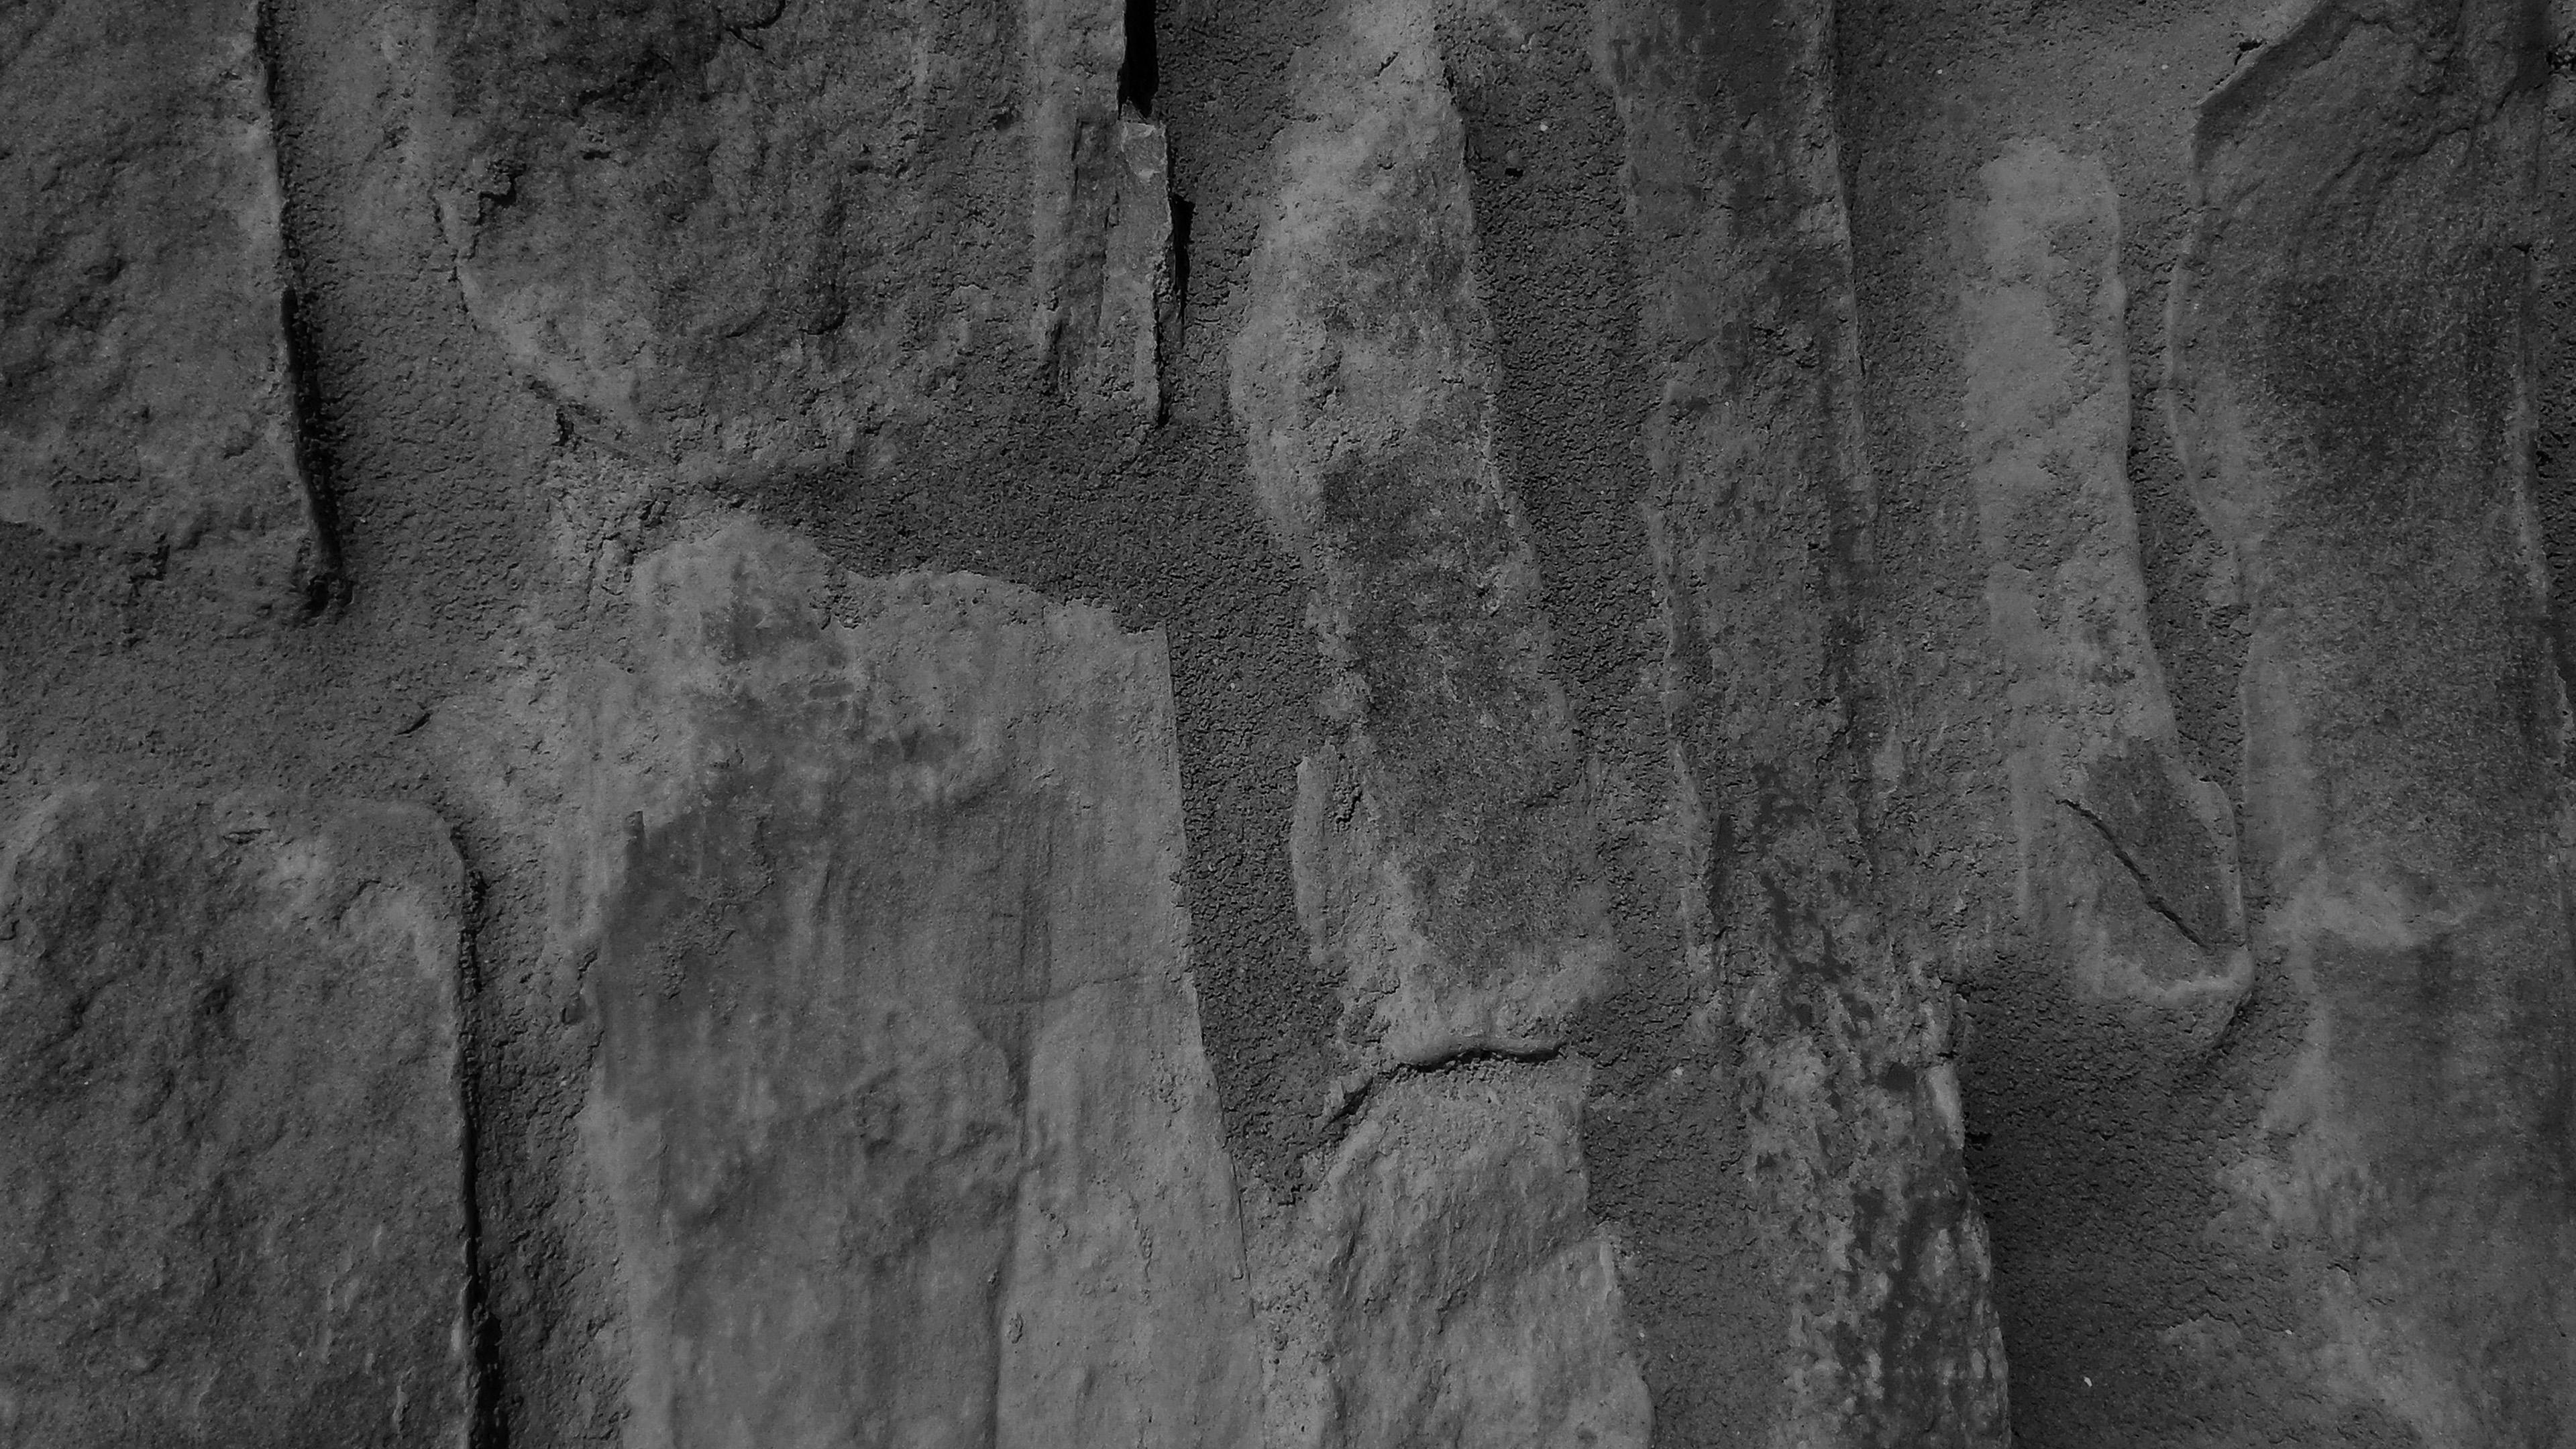 Vj42 Brick Wall Texture Pattern Dark Bw Wallpaper